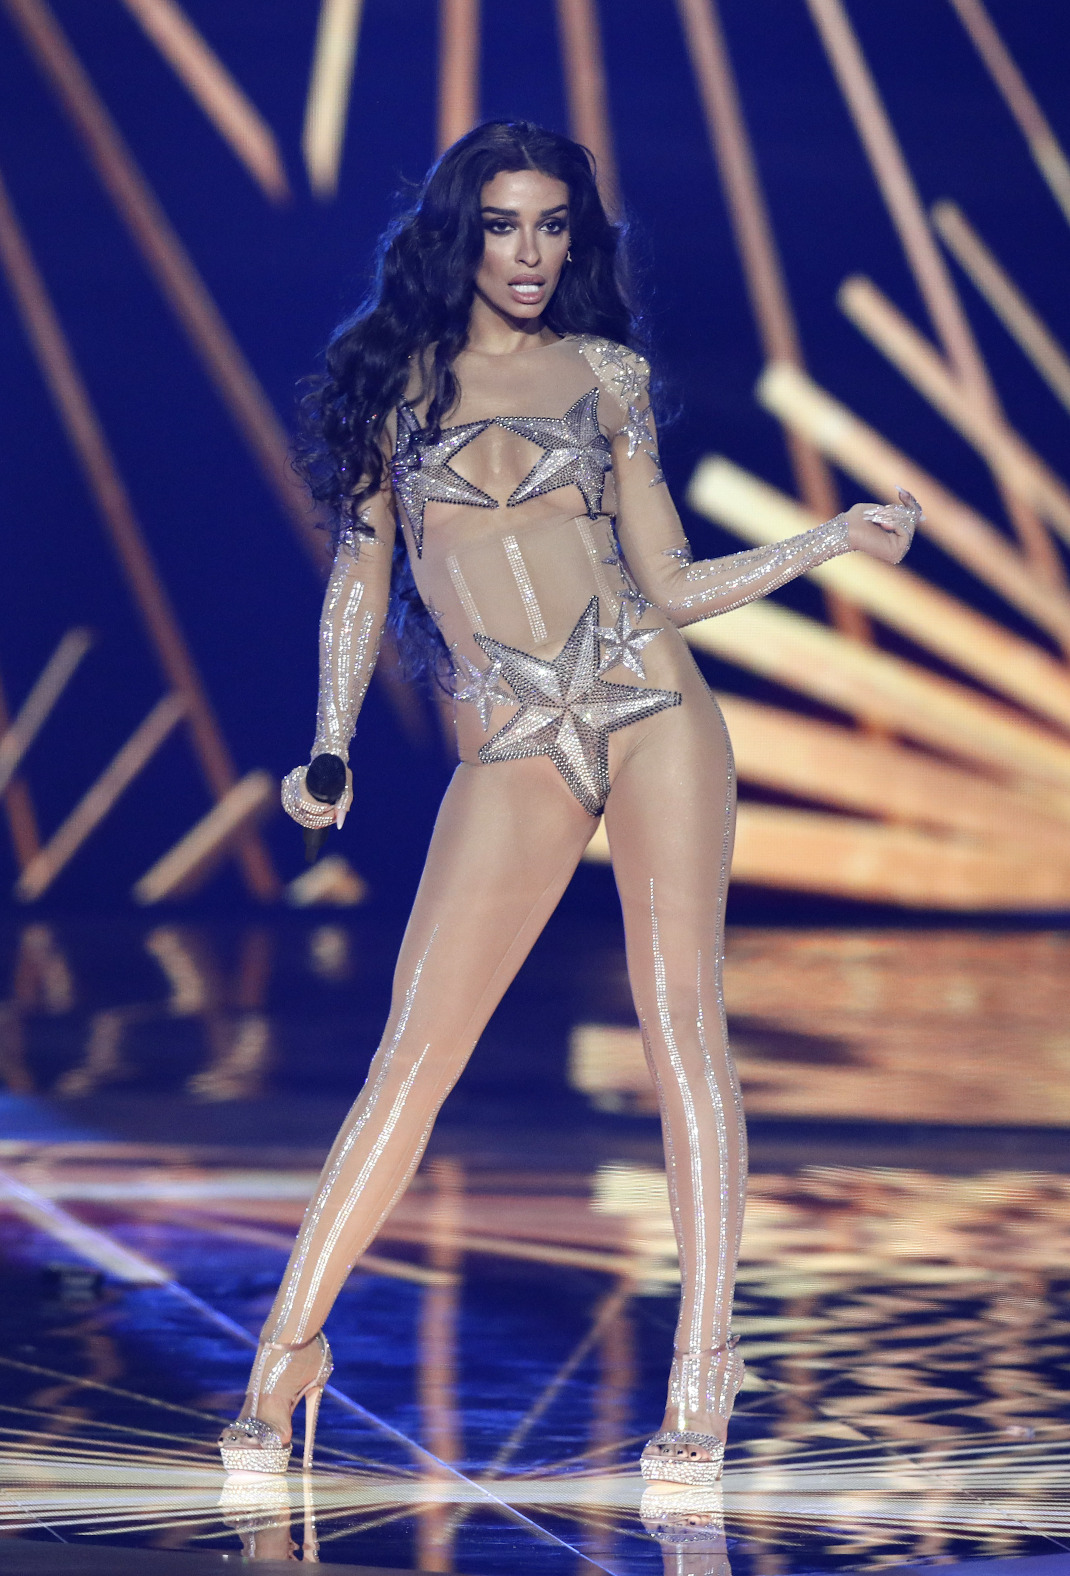 Η Ελένη Φουρέιρα στην σκηνή της Eurovision